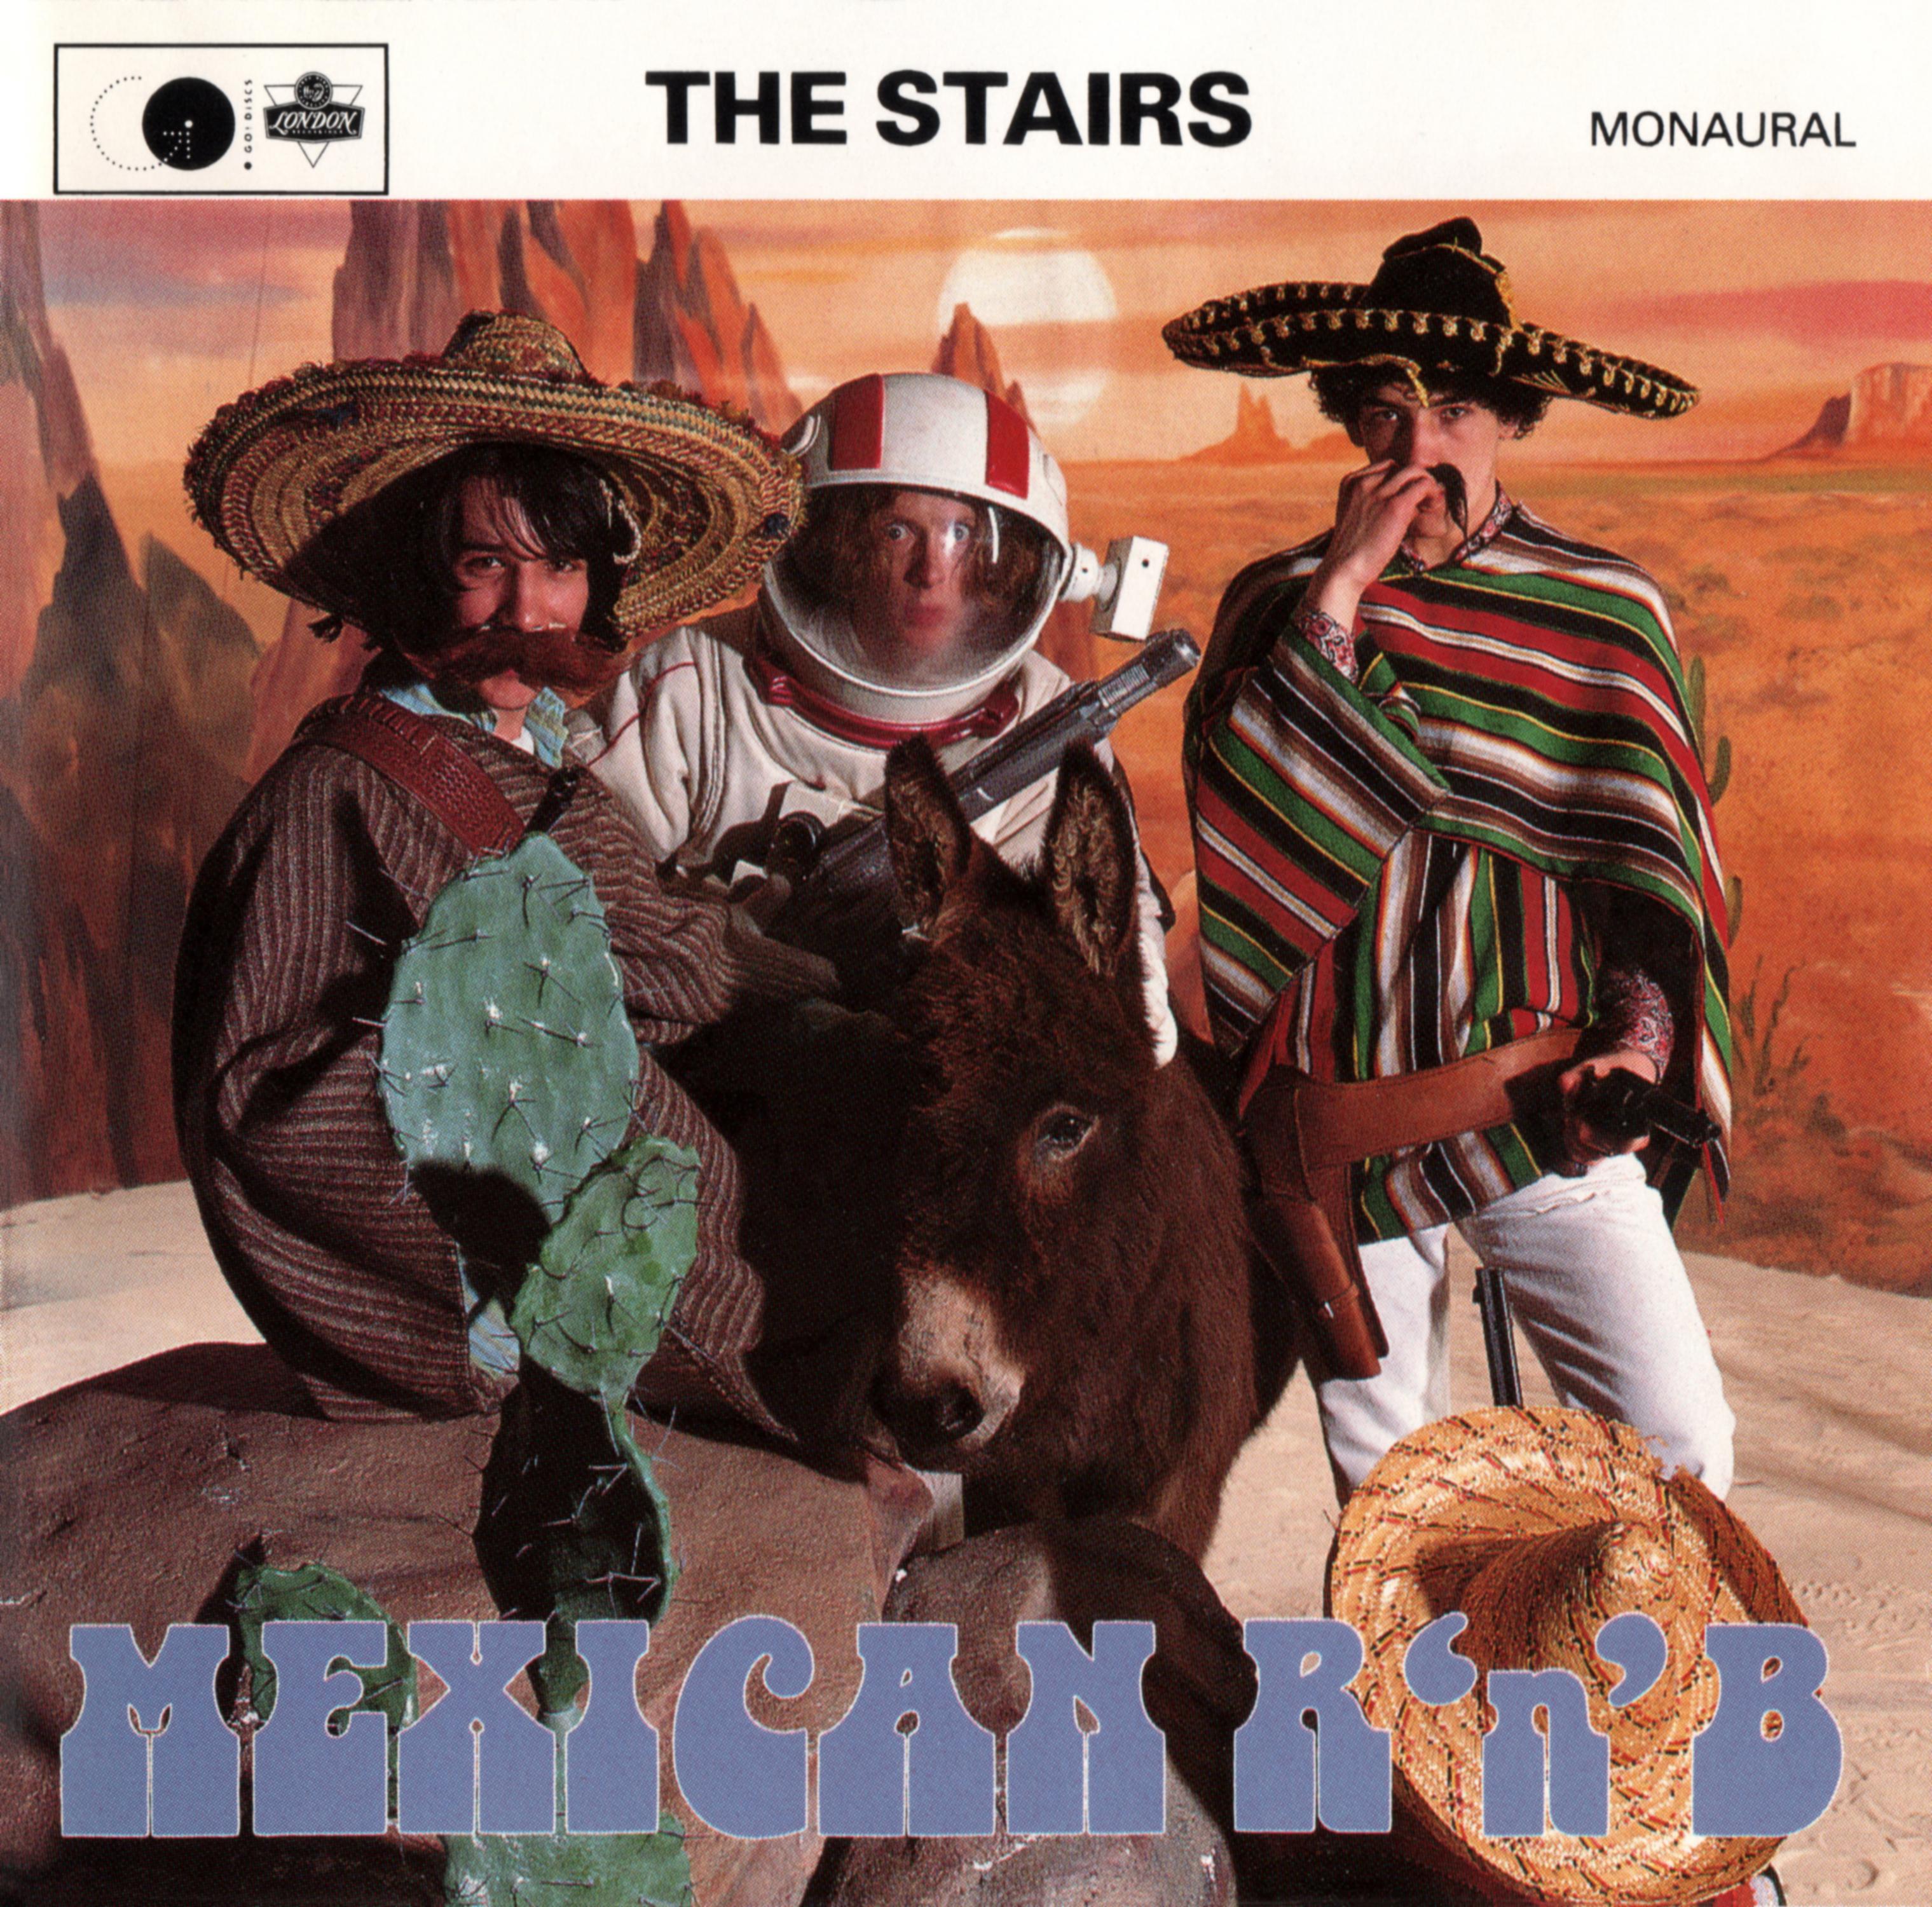 THE STAIRS (ザ・ステアーズ) 1stアルバム『Mexican R'n'B (メキシカンR&B)』(1992年6月1日発売) 高画質CDジャケット画像 (ジャケ写)